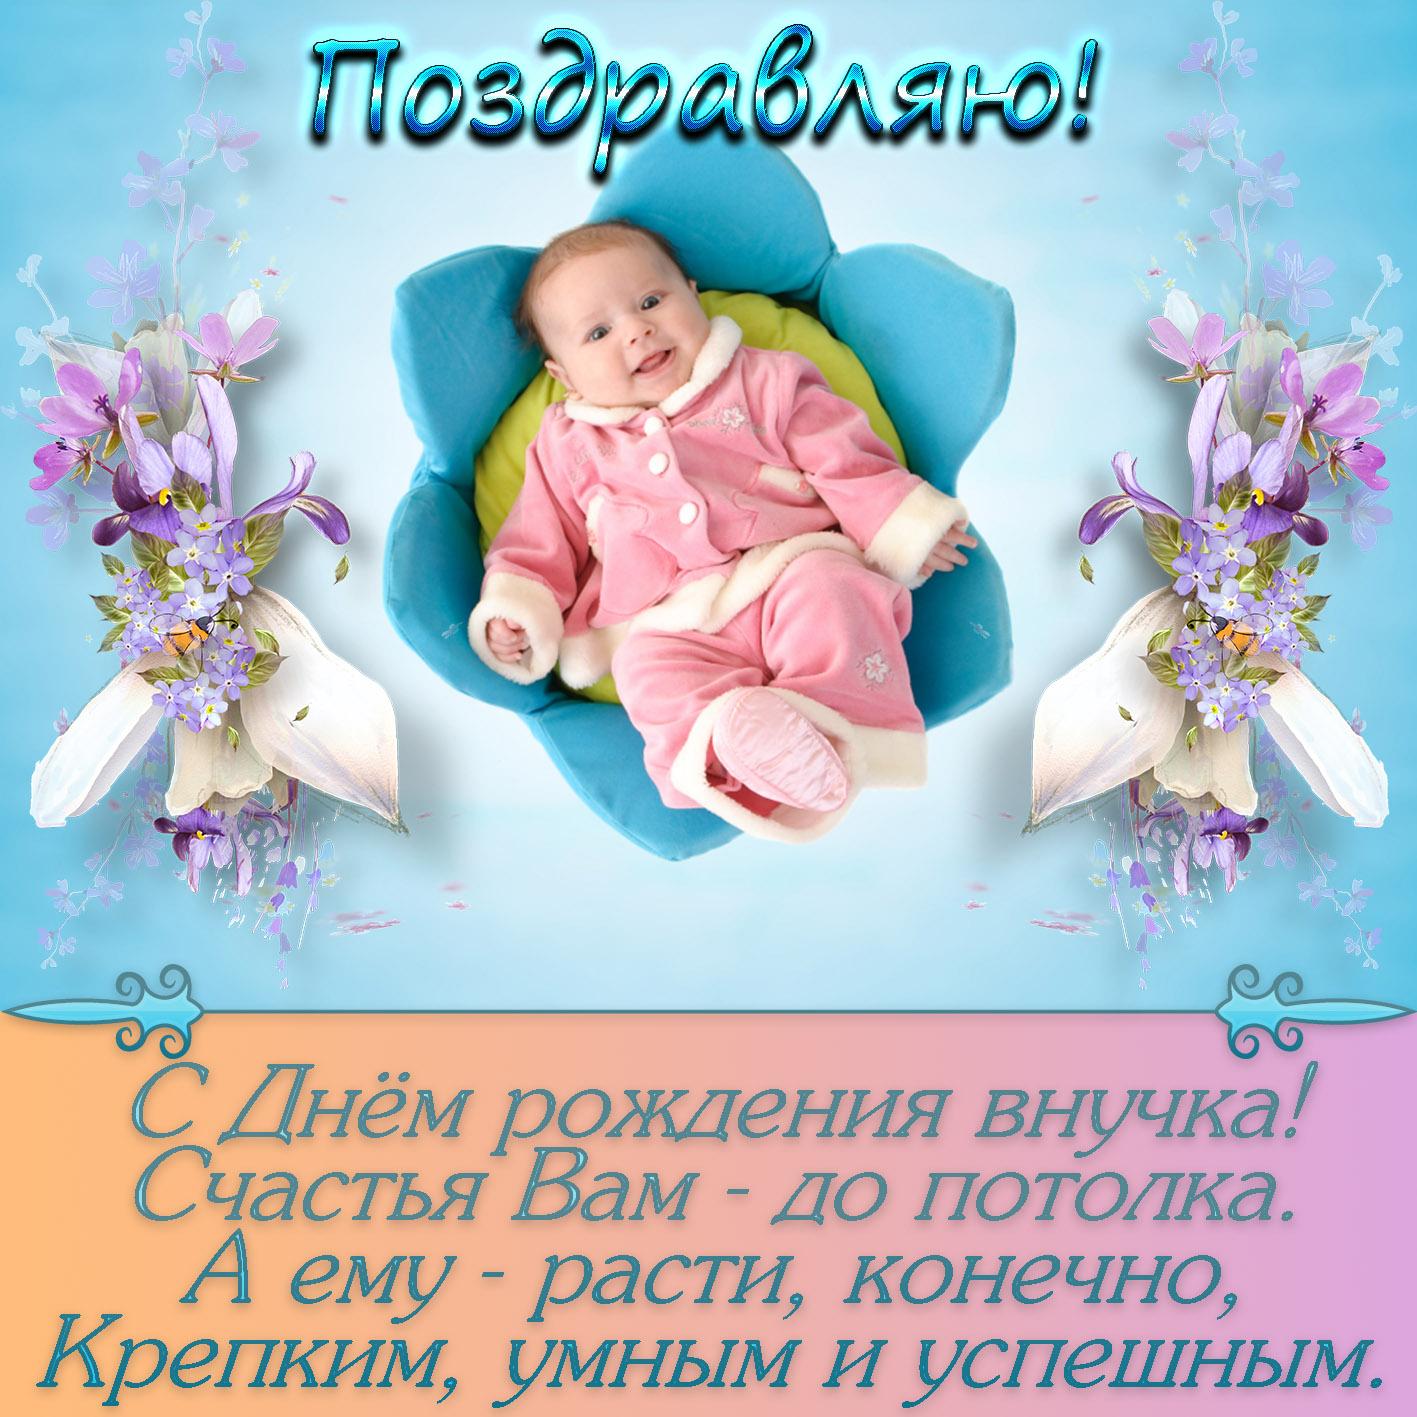 Пластика для, мерцающие открытки с рождением внука бабушке и дедушке